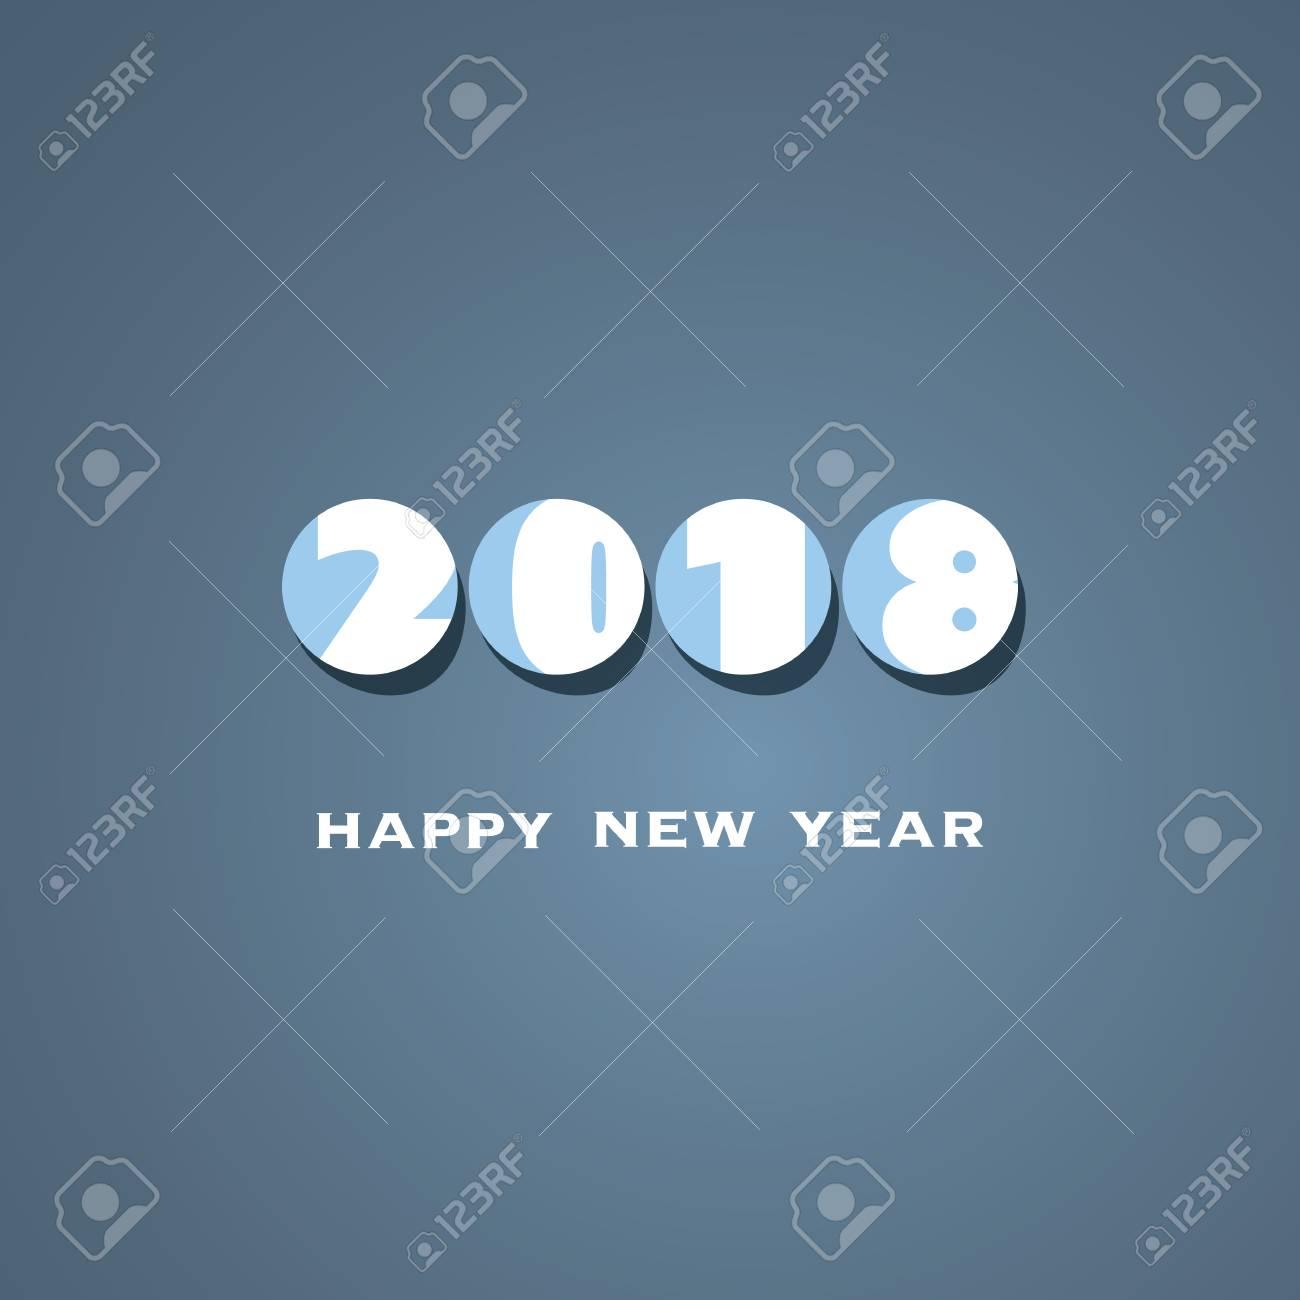 Foto de archivo - Plantilla de diseño de portada de tarjeta de año nuevo  simple 2018 4582616016002